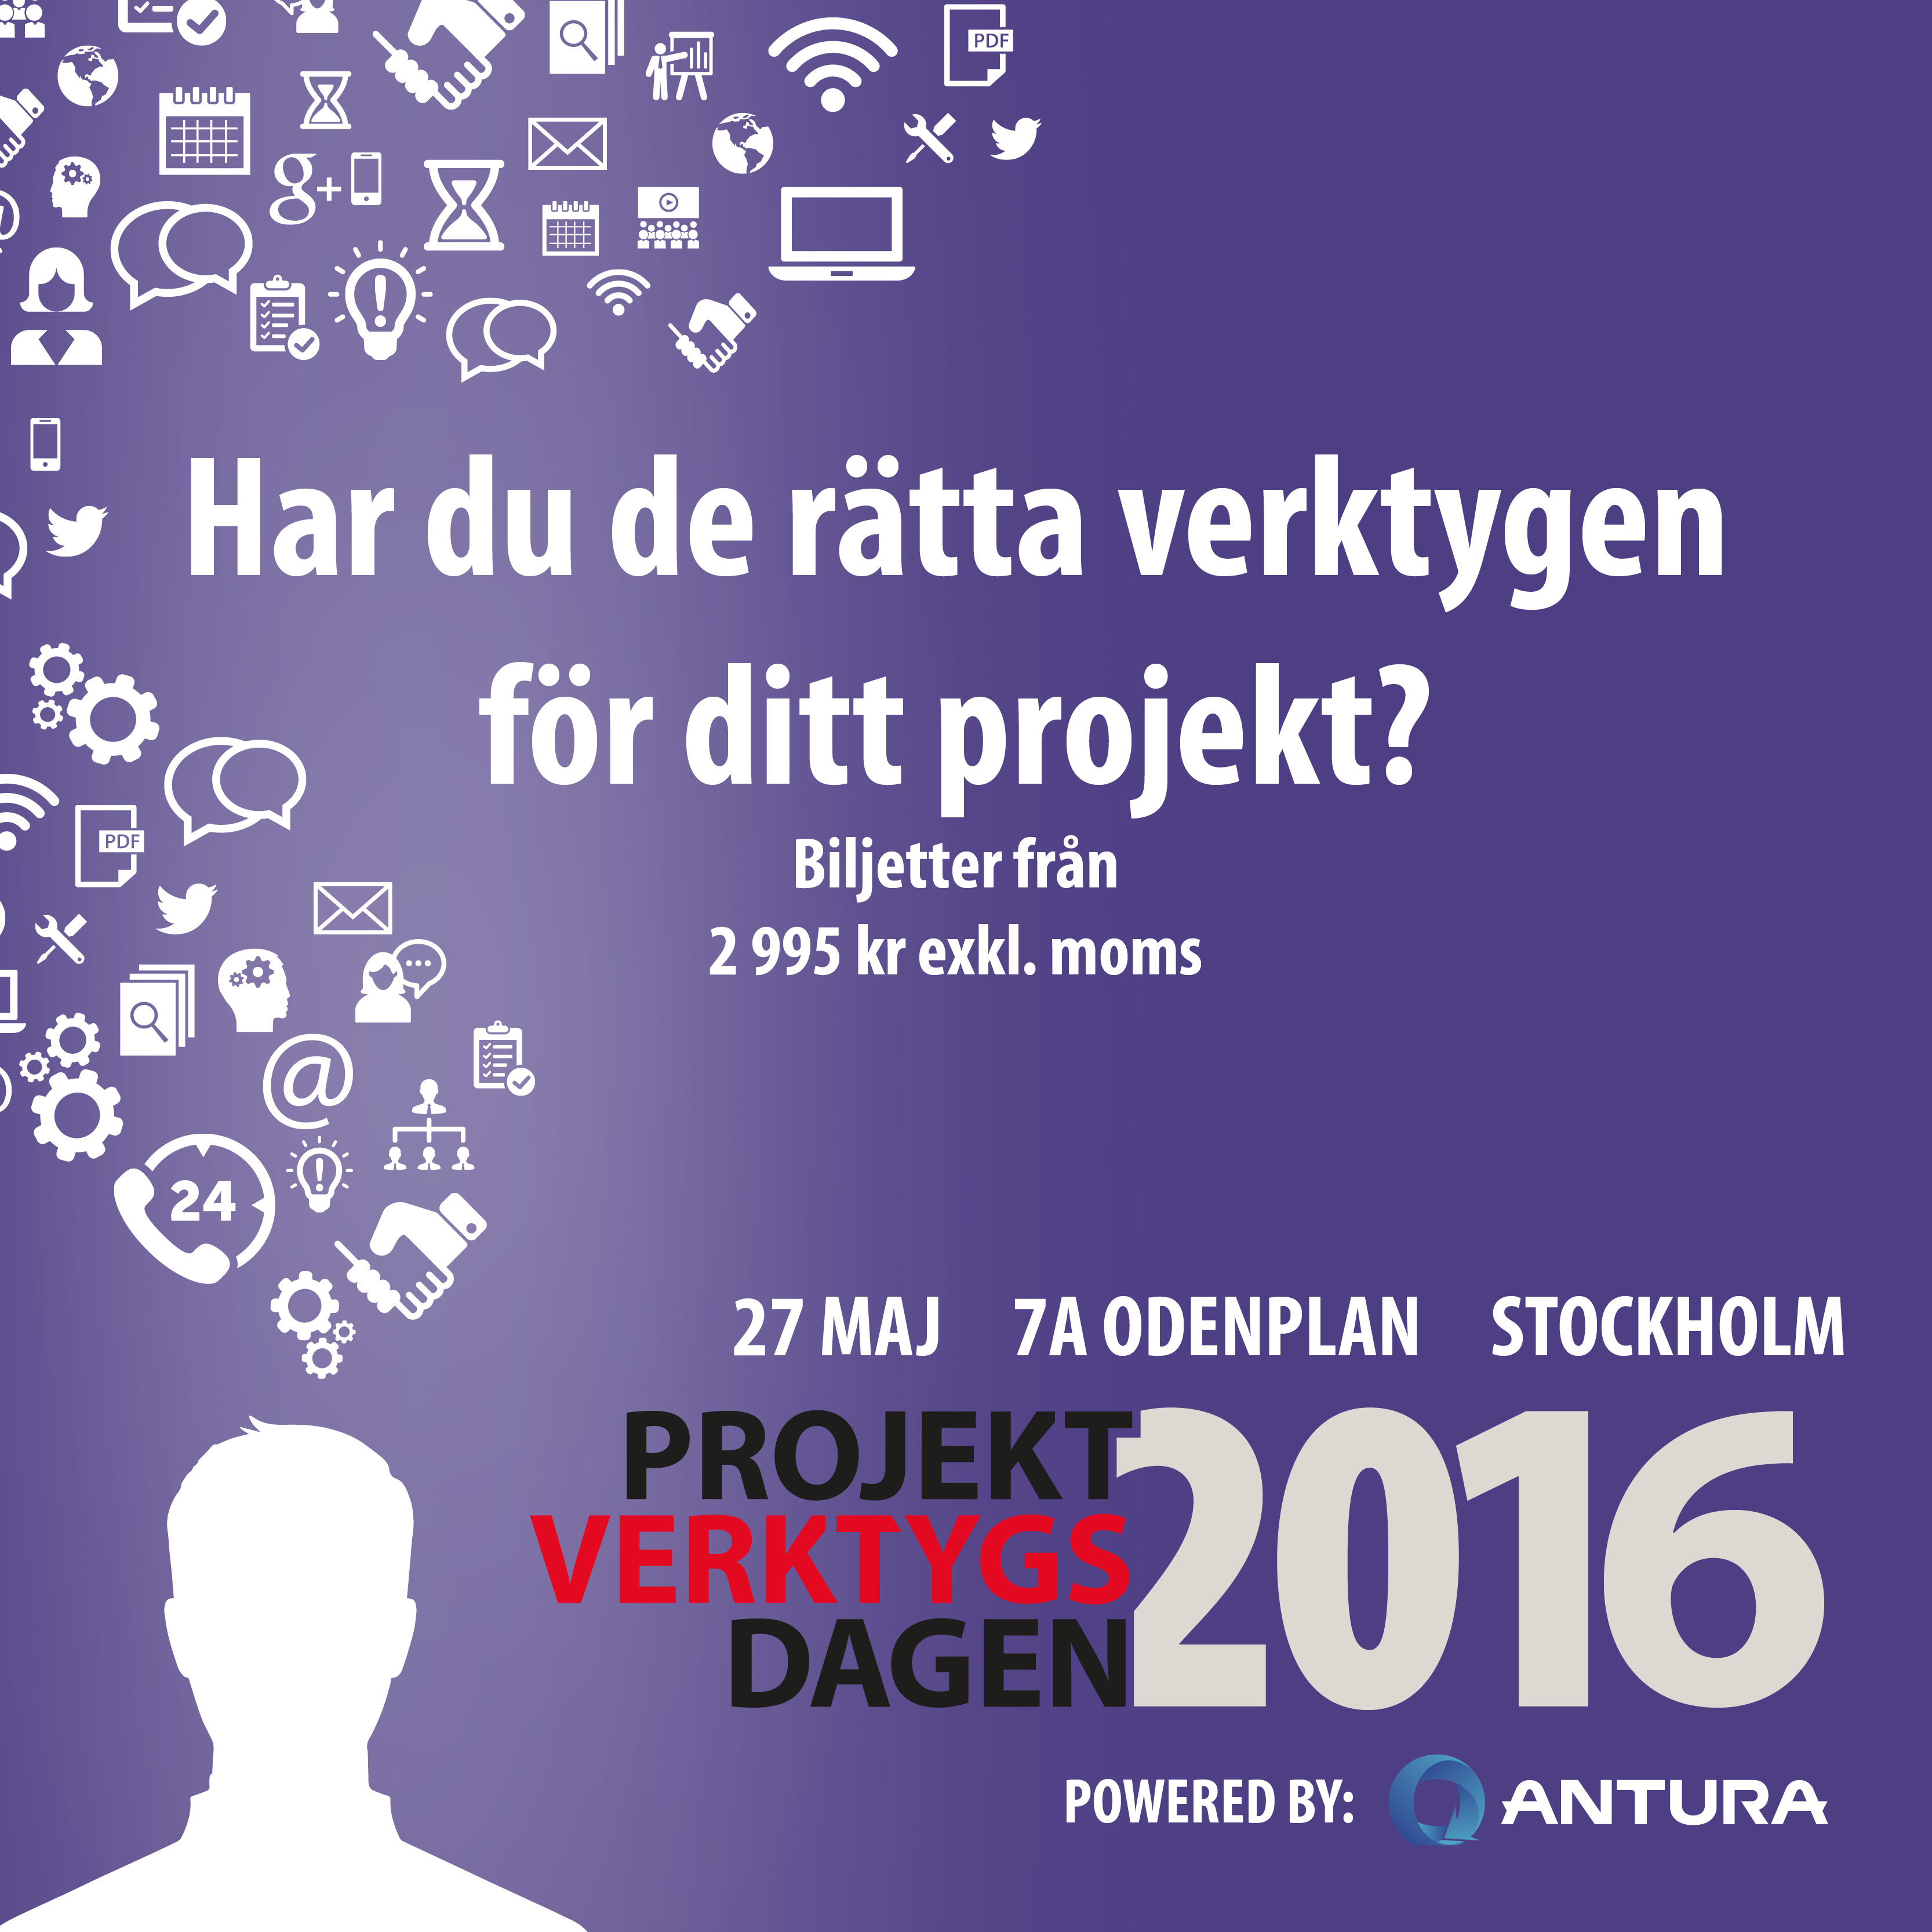 Projektverktygsdagen 27 Maj 2016